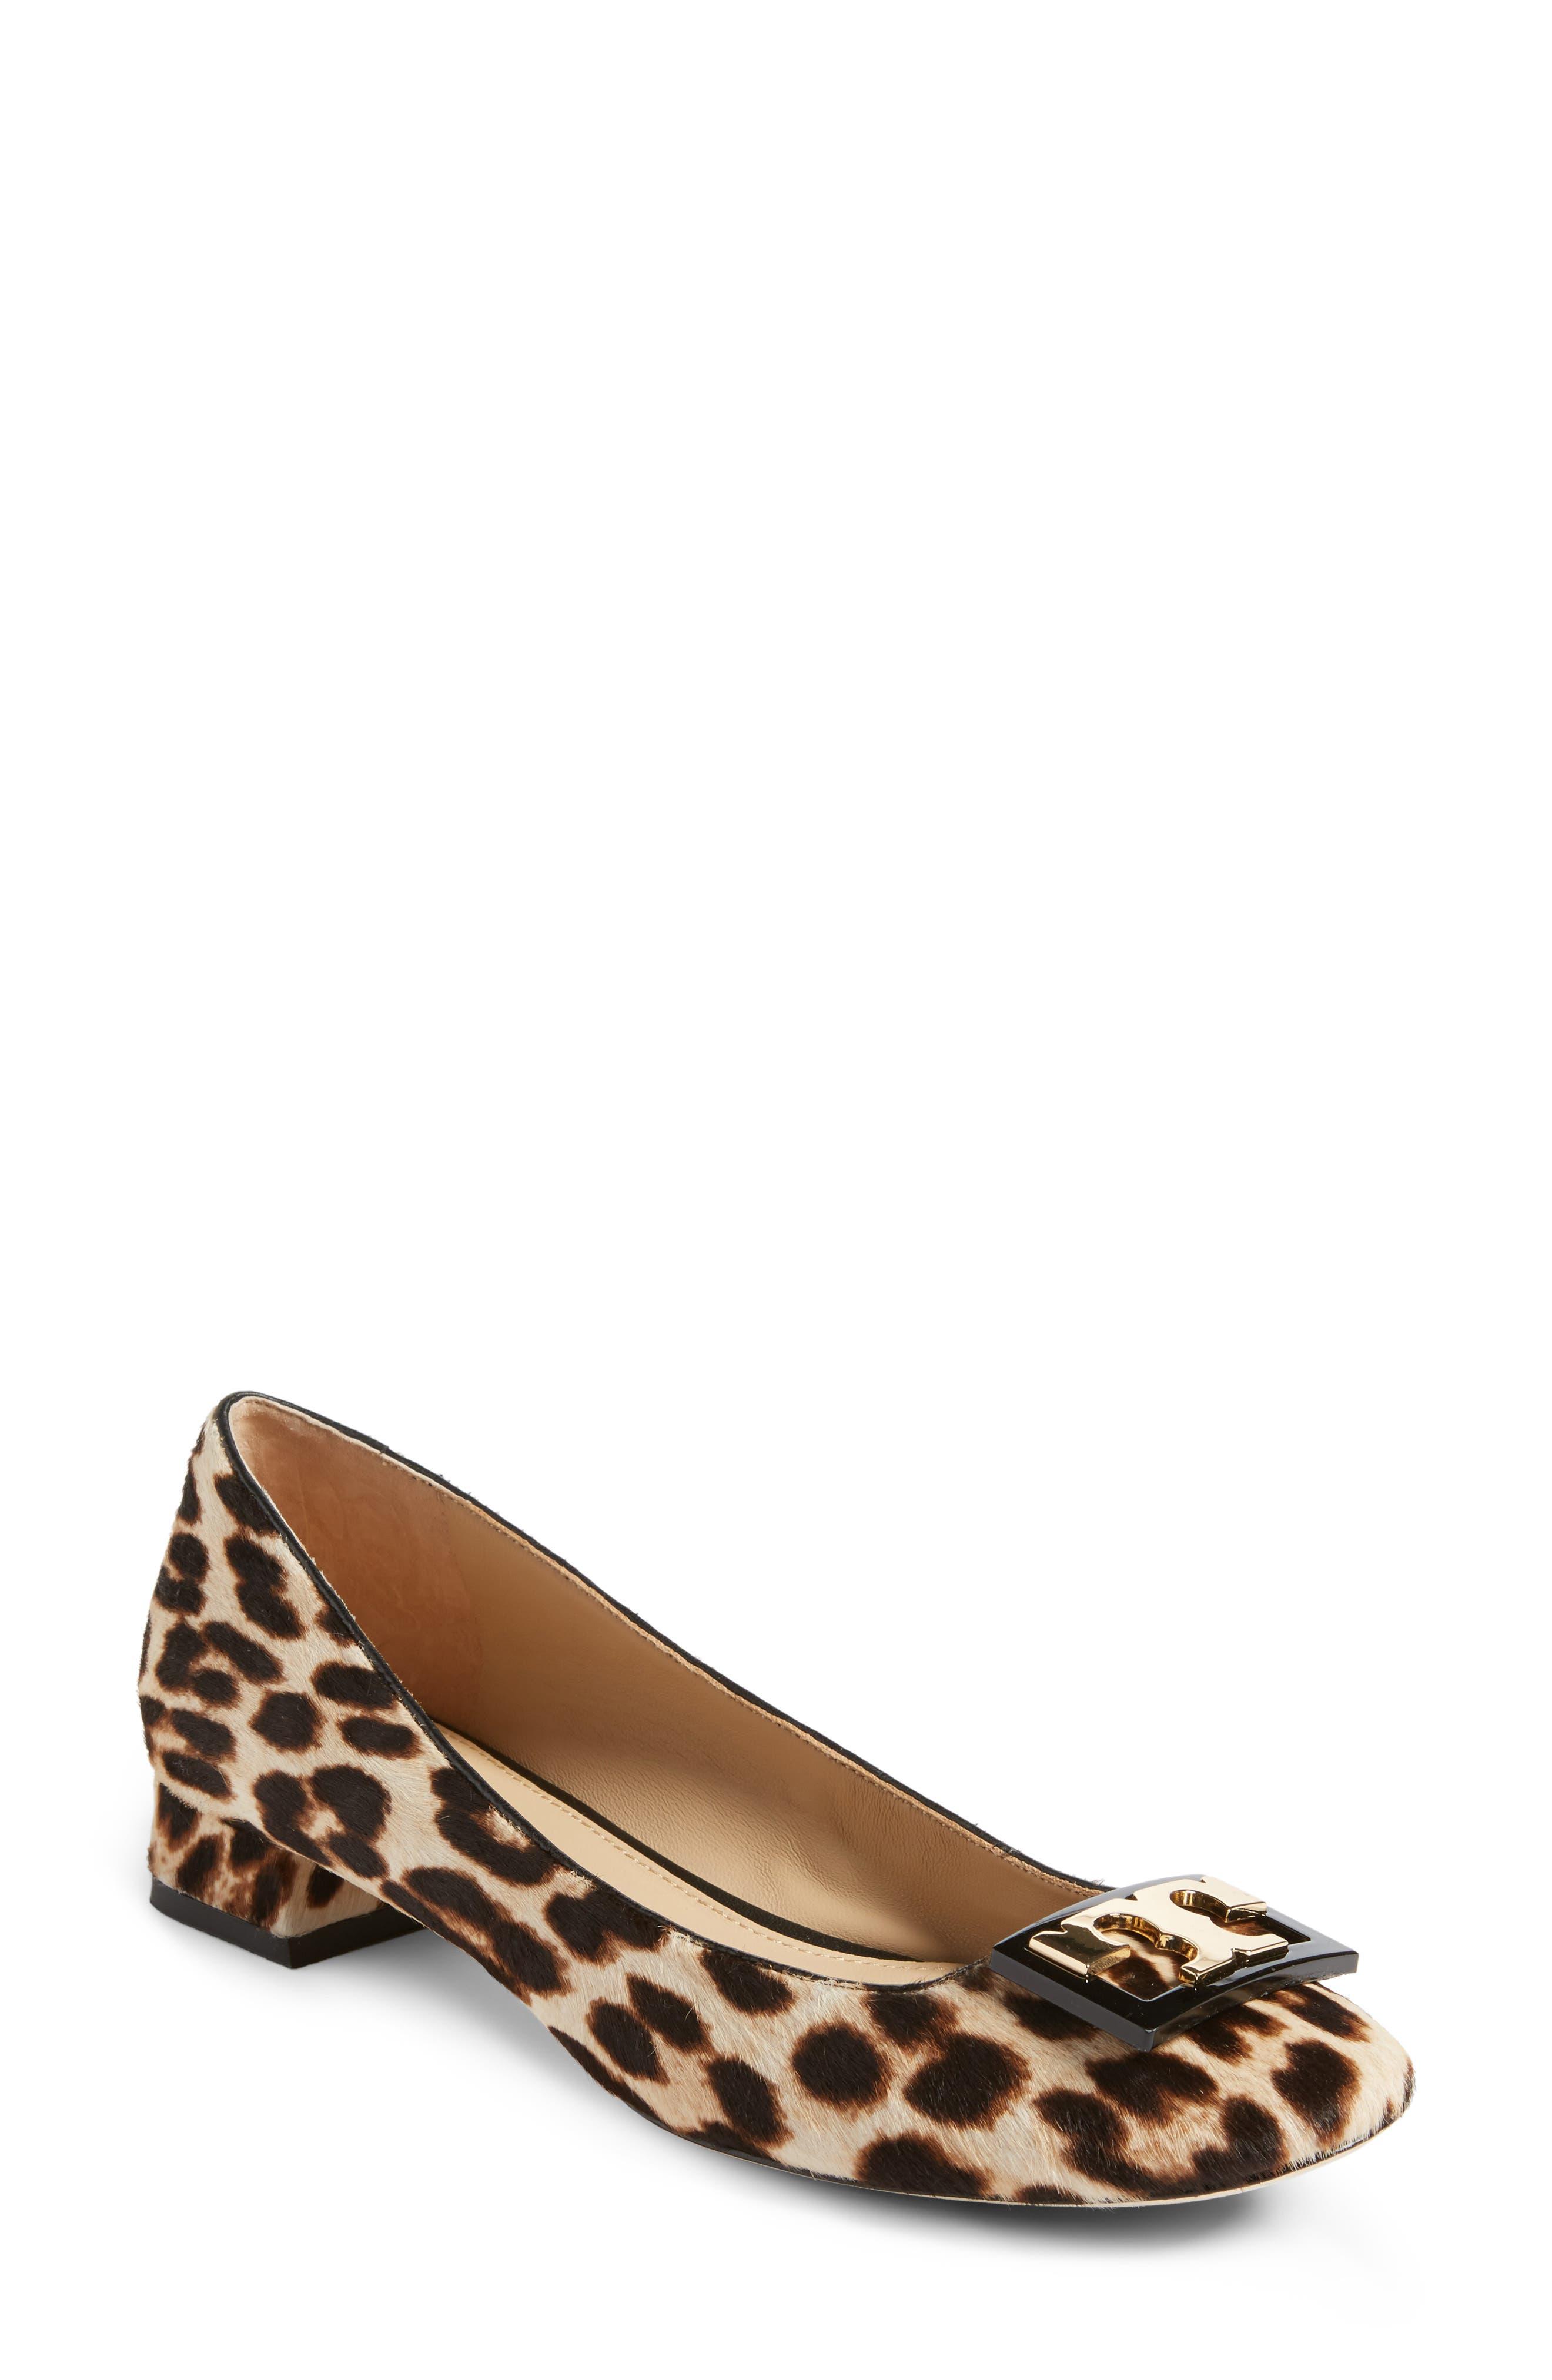 Gigi Block Heel Pump,                         Main,                         color, Natural Leopard